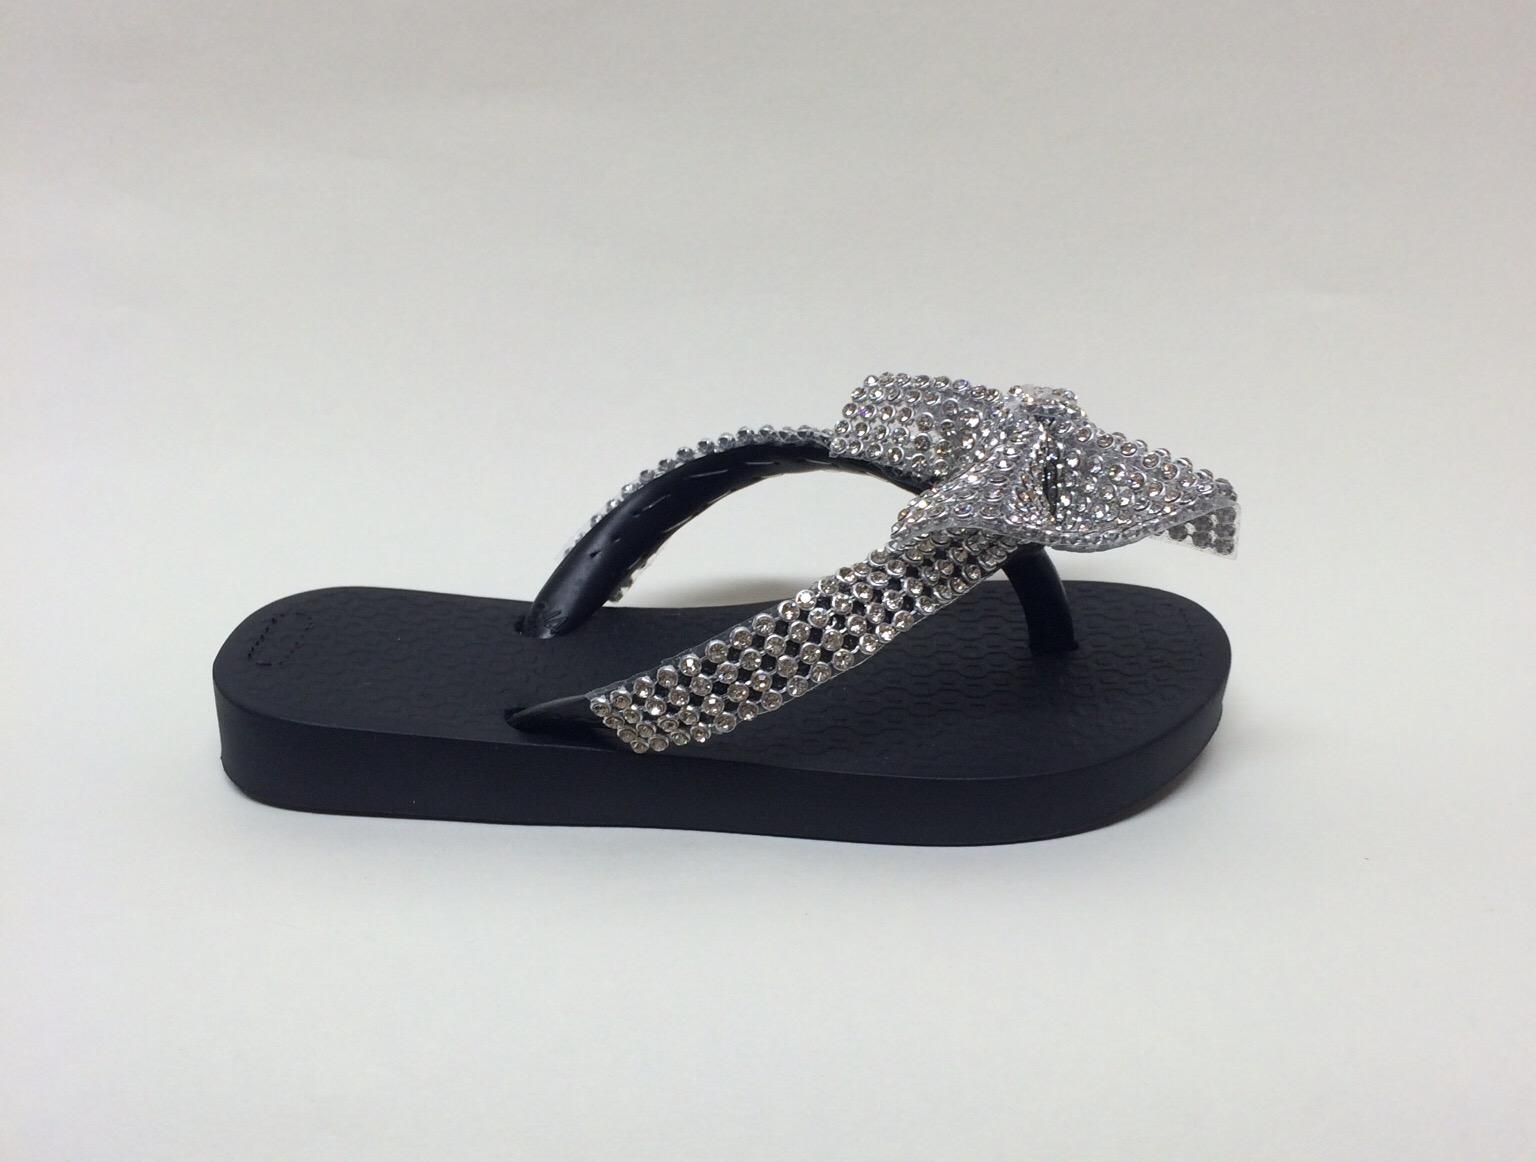 Crystal Bow Flip Flops, Black